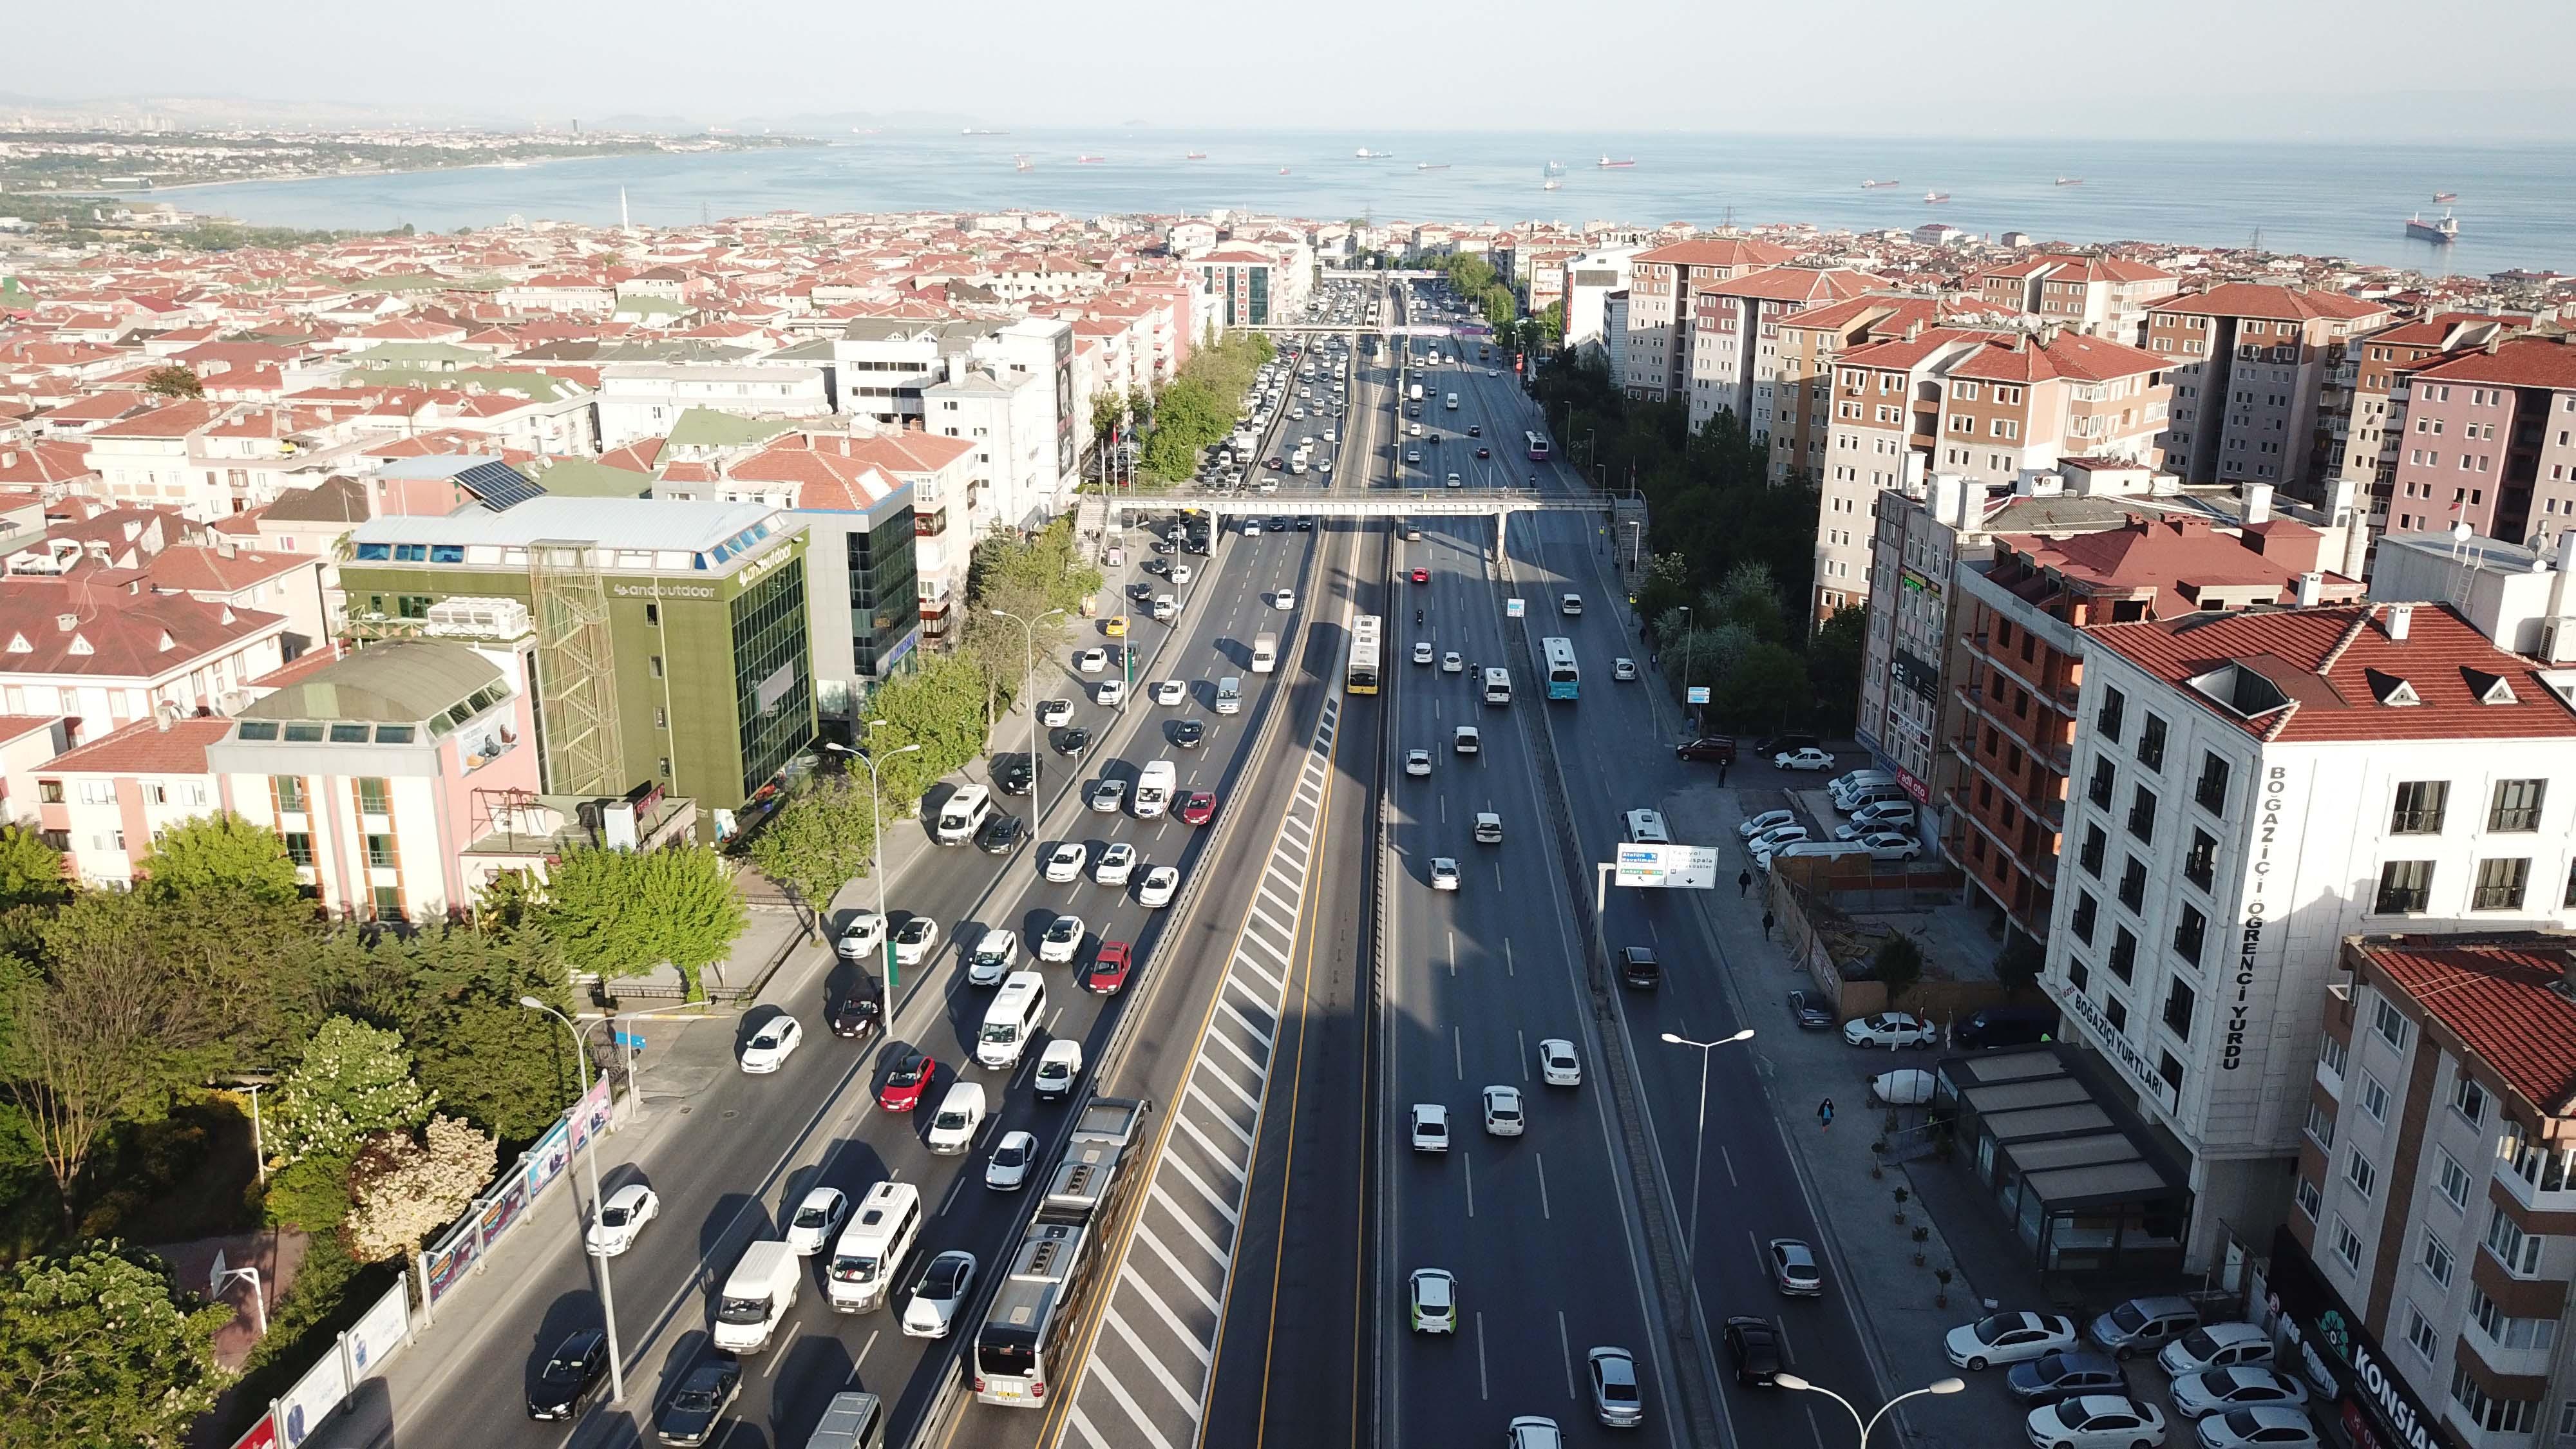 istanbulda-bazi-noktalarda-trafik-yogunluguhavadan-fotograflarla-2133-dhaphoto3.jpg